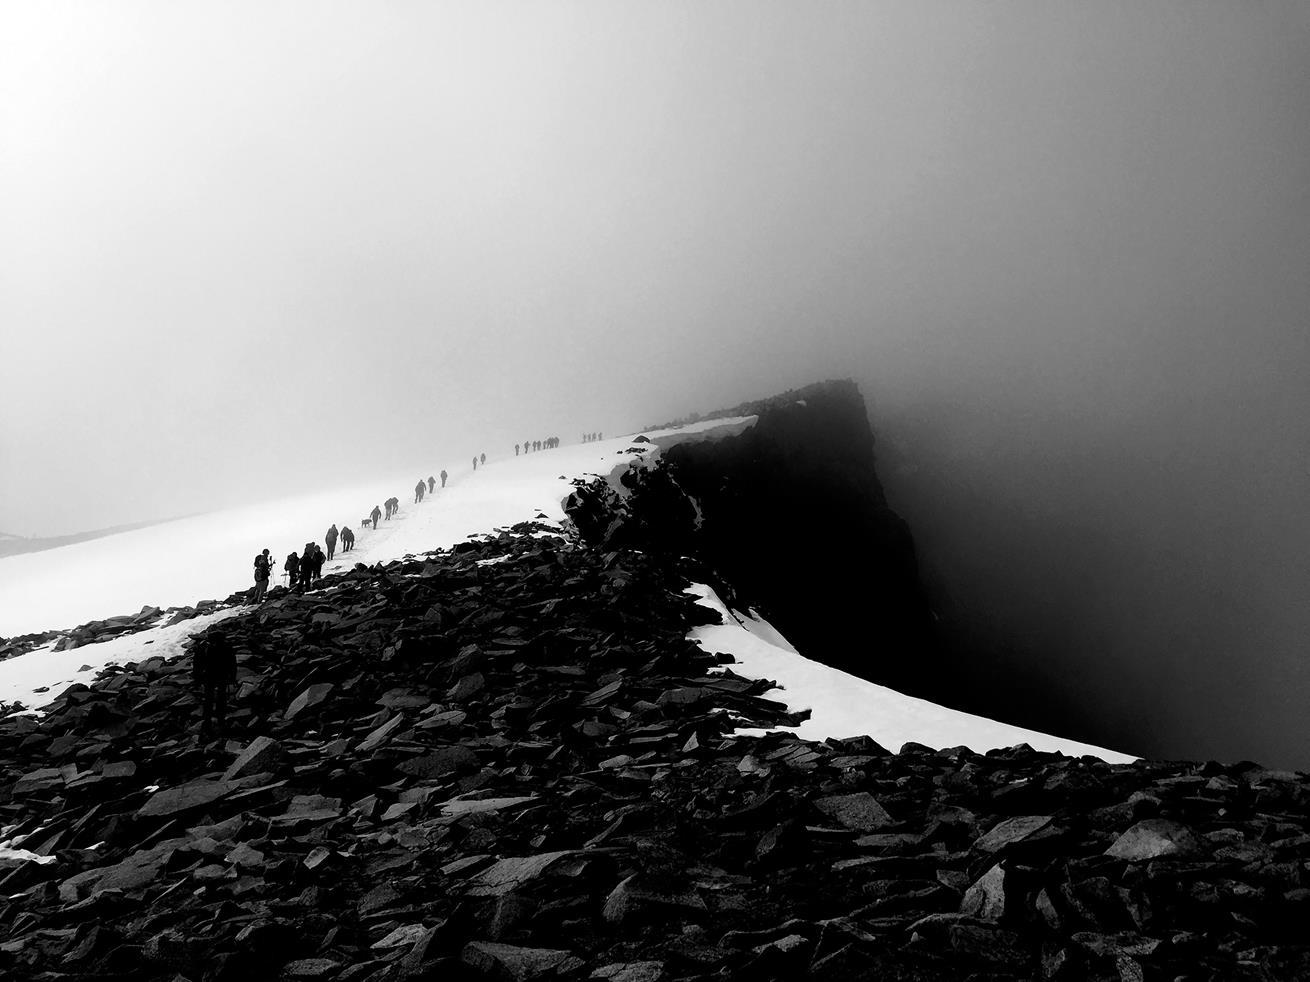 719cd344 Fra Juvvasshytta må man krysse Styggebreen for å nå Galdhøpiggen, Norges  høyeste fjell (2469 moh). Om hundre år kan nesten alle breer være borte.